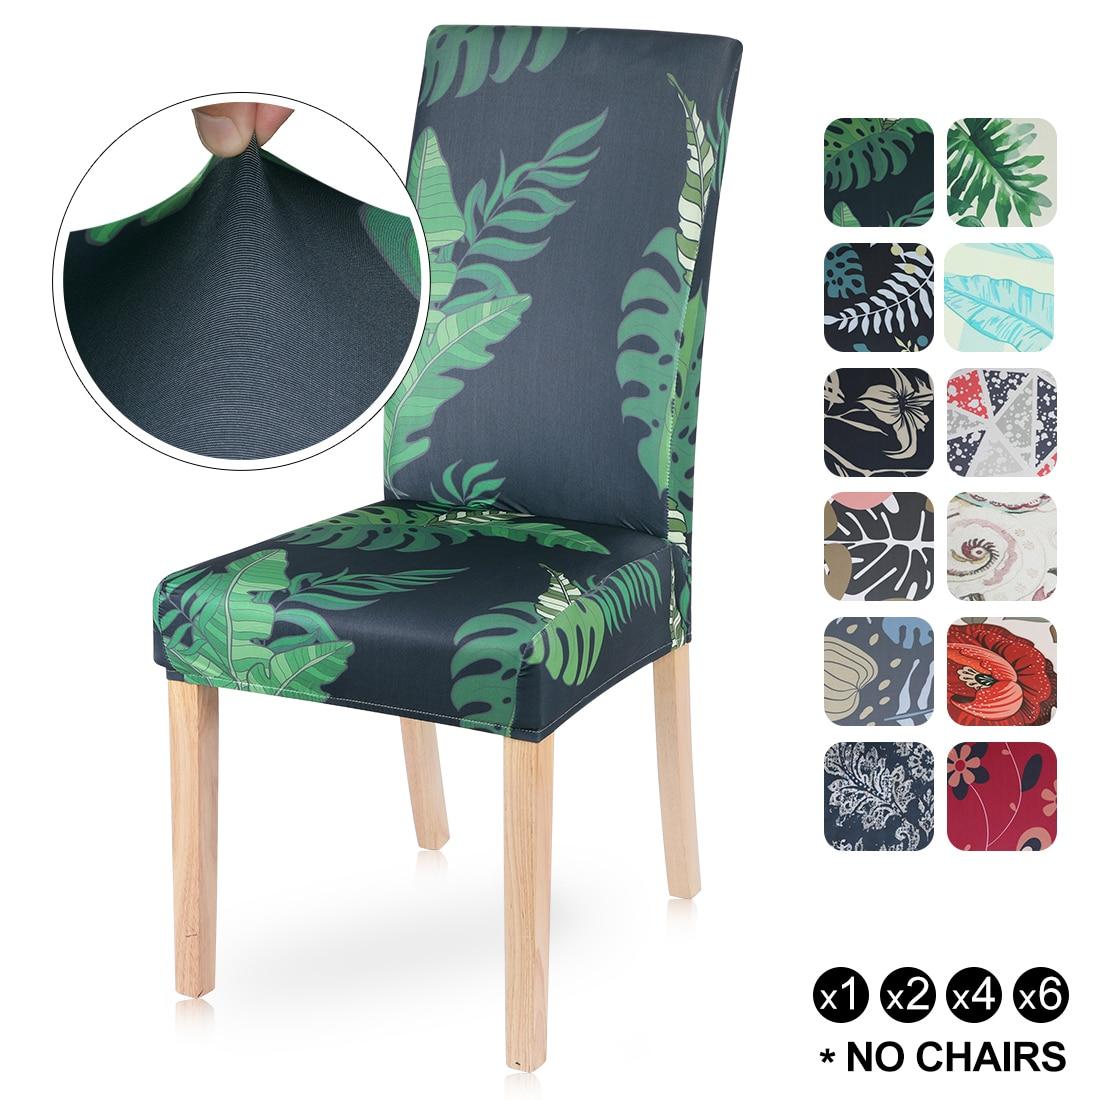 Capa protetora para cadeira de jantar, capa elástica para assento, capa para cadeira de jantar, removível, lavável, 1 peça